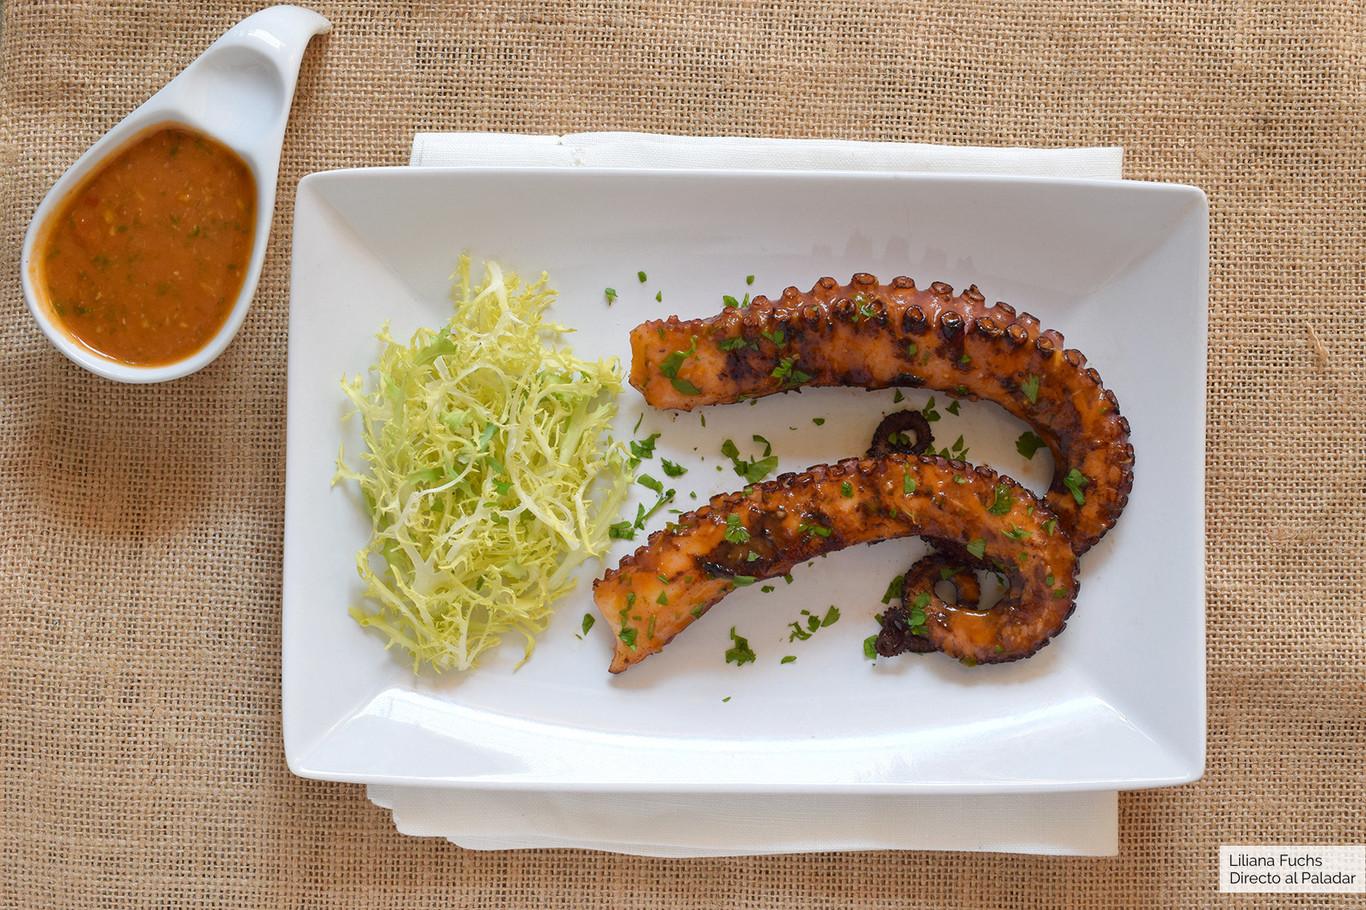 Pulpo A La Parrilla Con Salsa Picante Receta De Cocina Fácil Sencilla Y Deliciosa